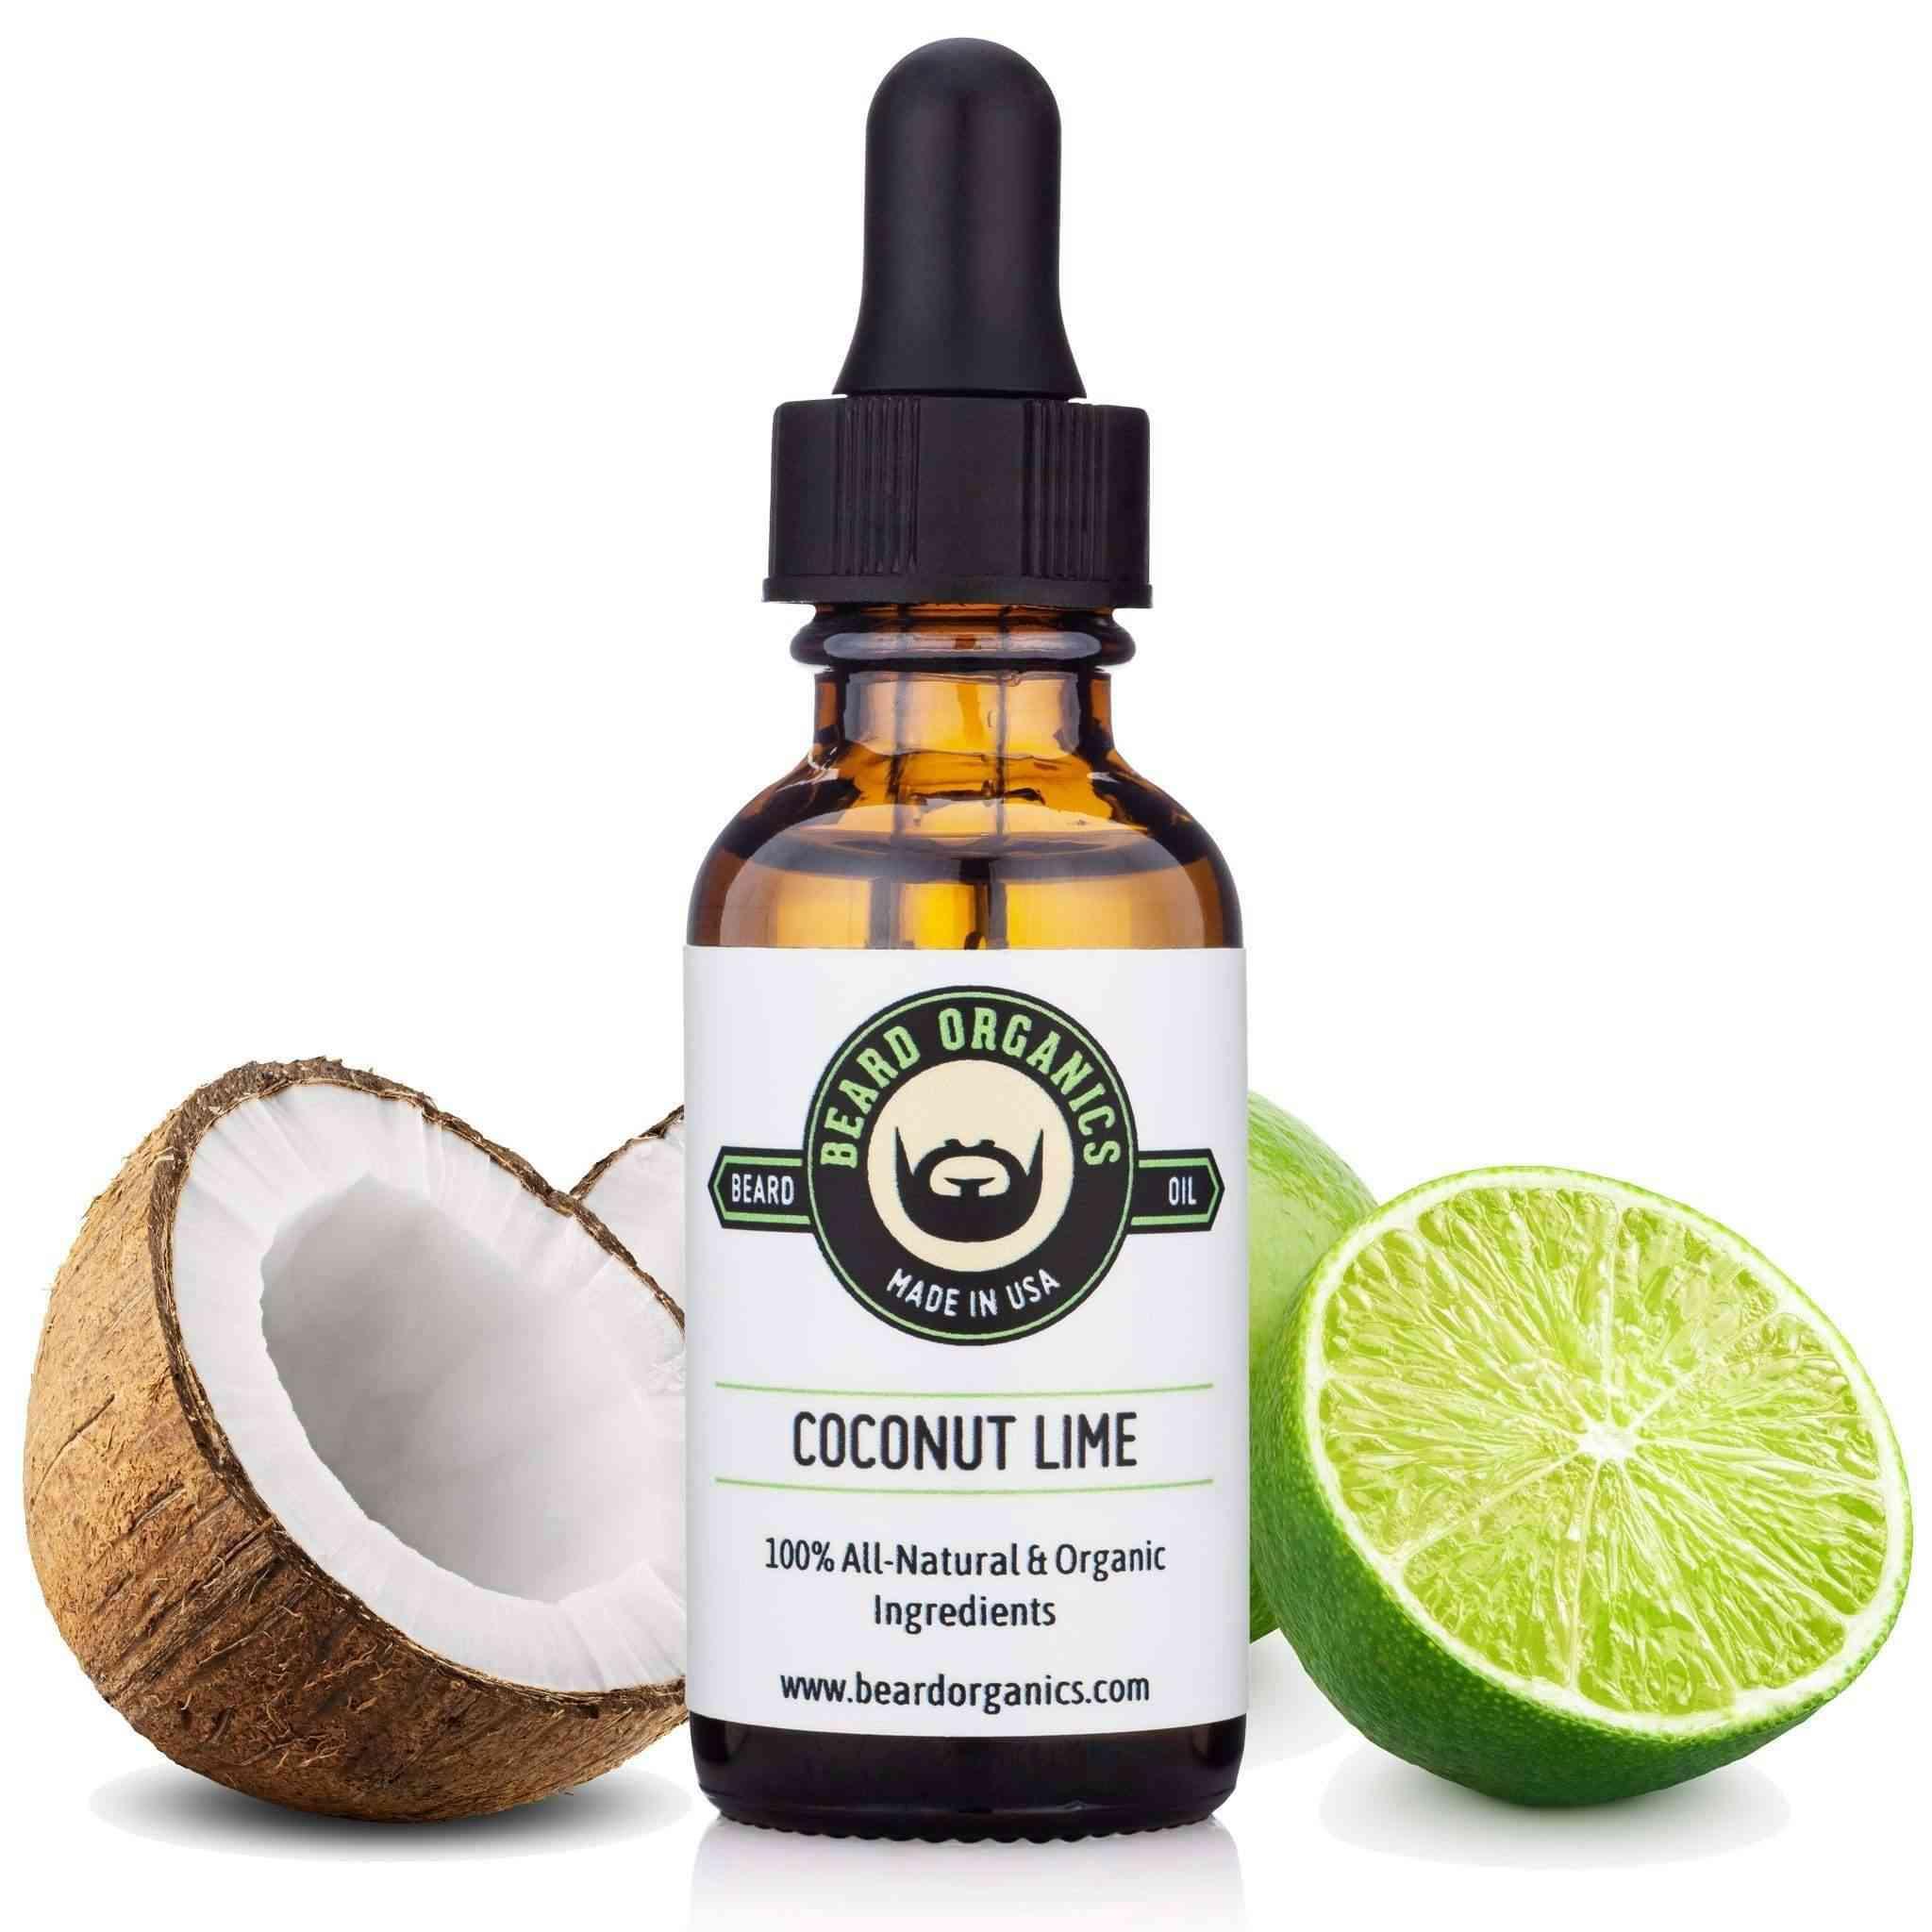 Coconut Lime Beard Oil